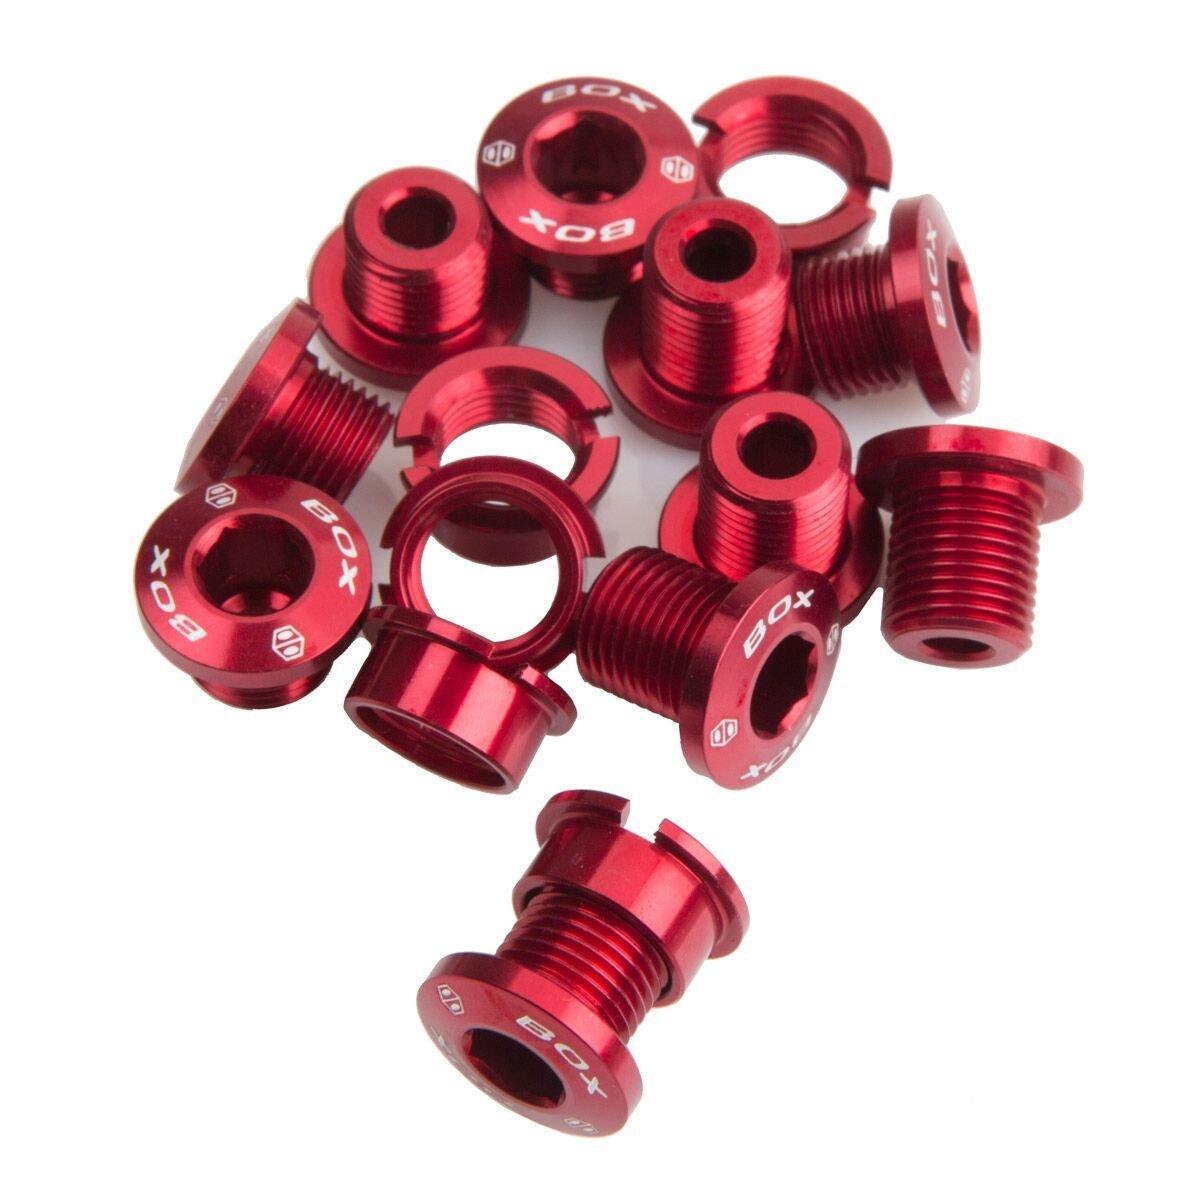 BOX   Thành phần hợp kim sắt, xoắn ốc 7075 Bolt (15 màu đỏ.